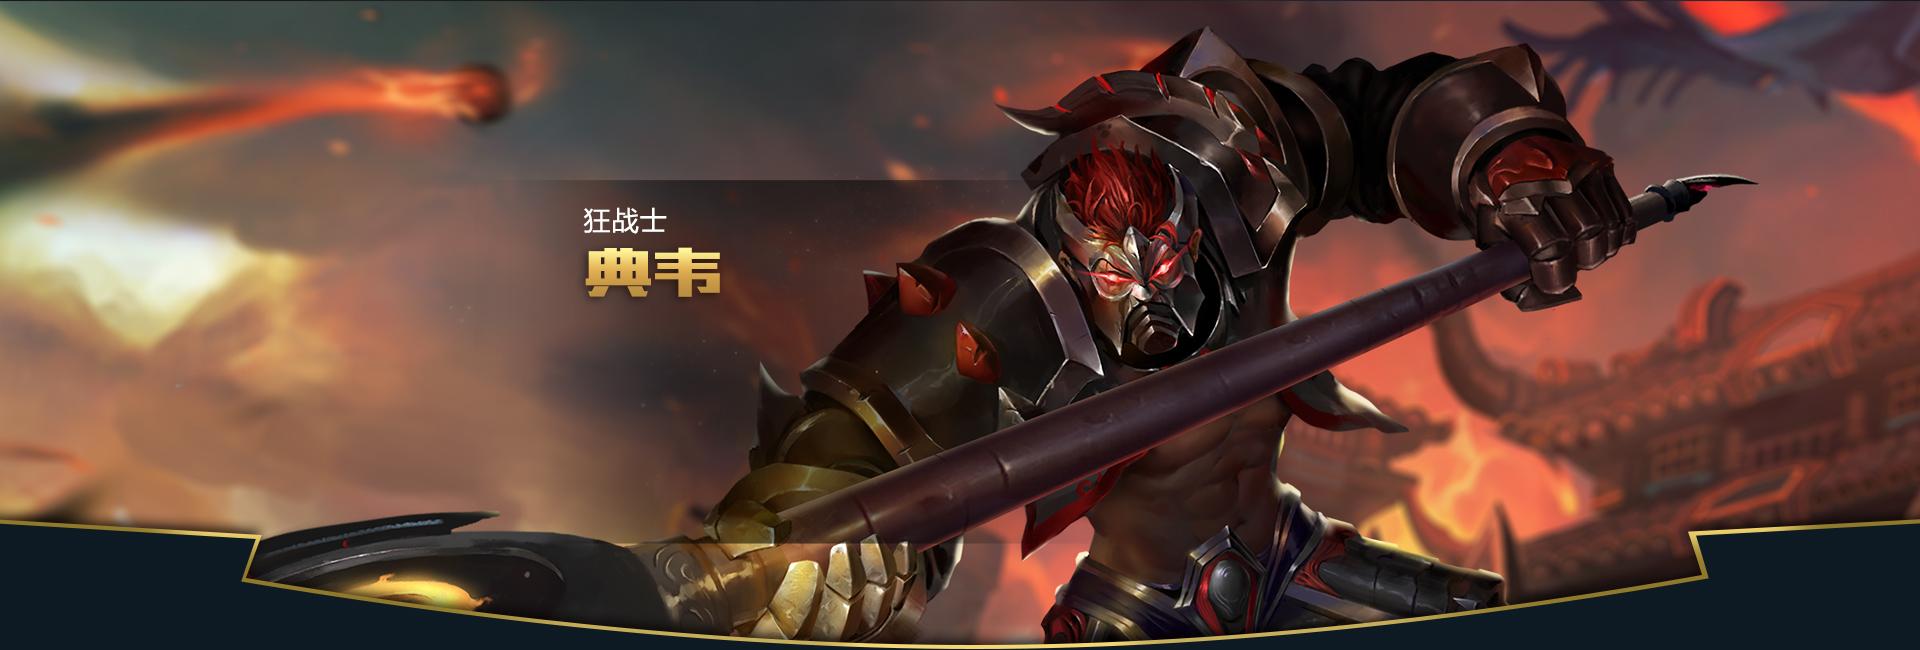 第2弹《王者荣耀英雄皮肤CG》竞技游戏84